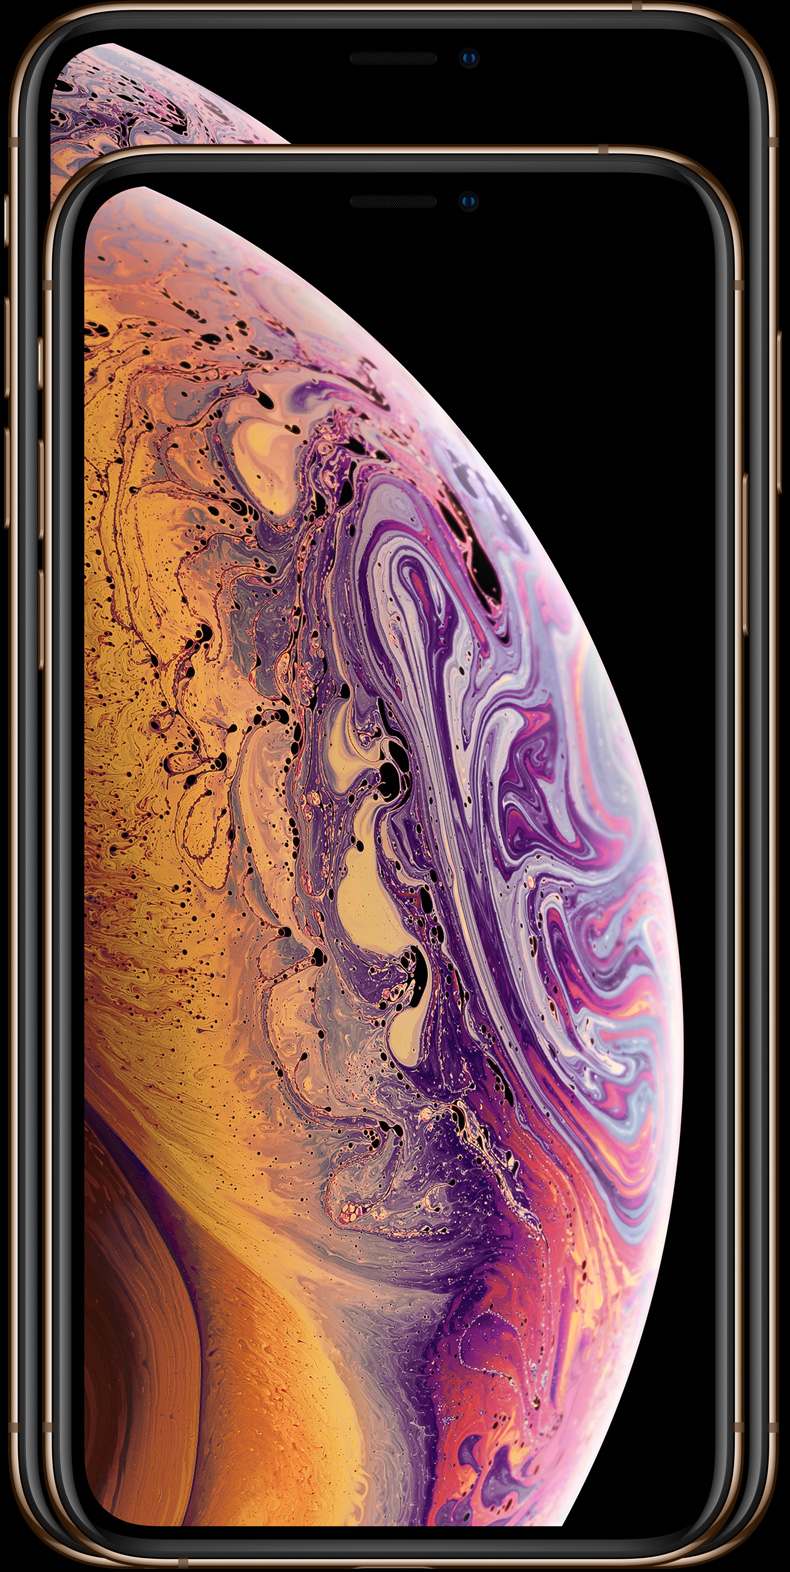 Новые iPhone Xs имеют специально разработанные OLED-дисплеи, которые славятся непревзойденным качеством HDR,             и глубоким черным цветом в индустрии смартфонов. Кроме того, модель iPhone Xs Max имеет наибольший дисплей             установленный на iPhone за всю историю.